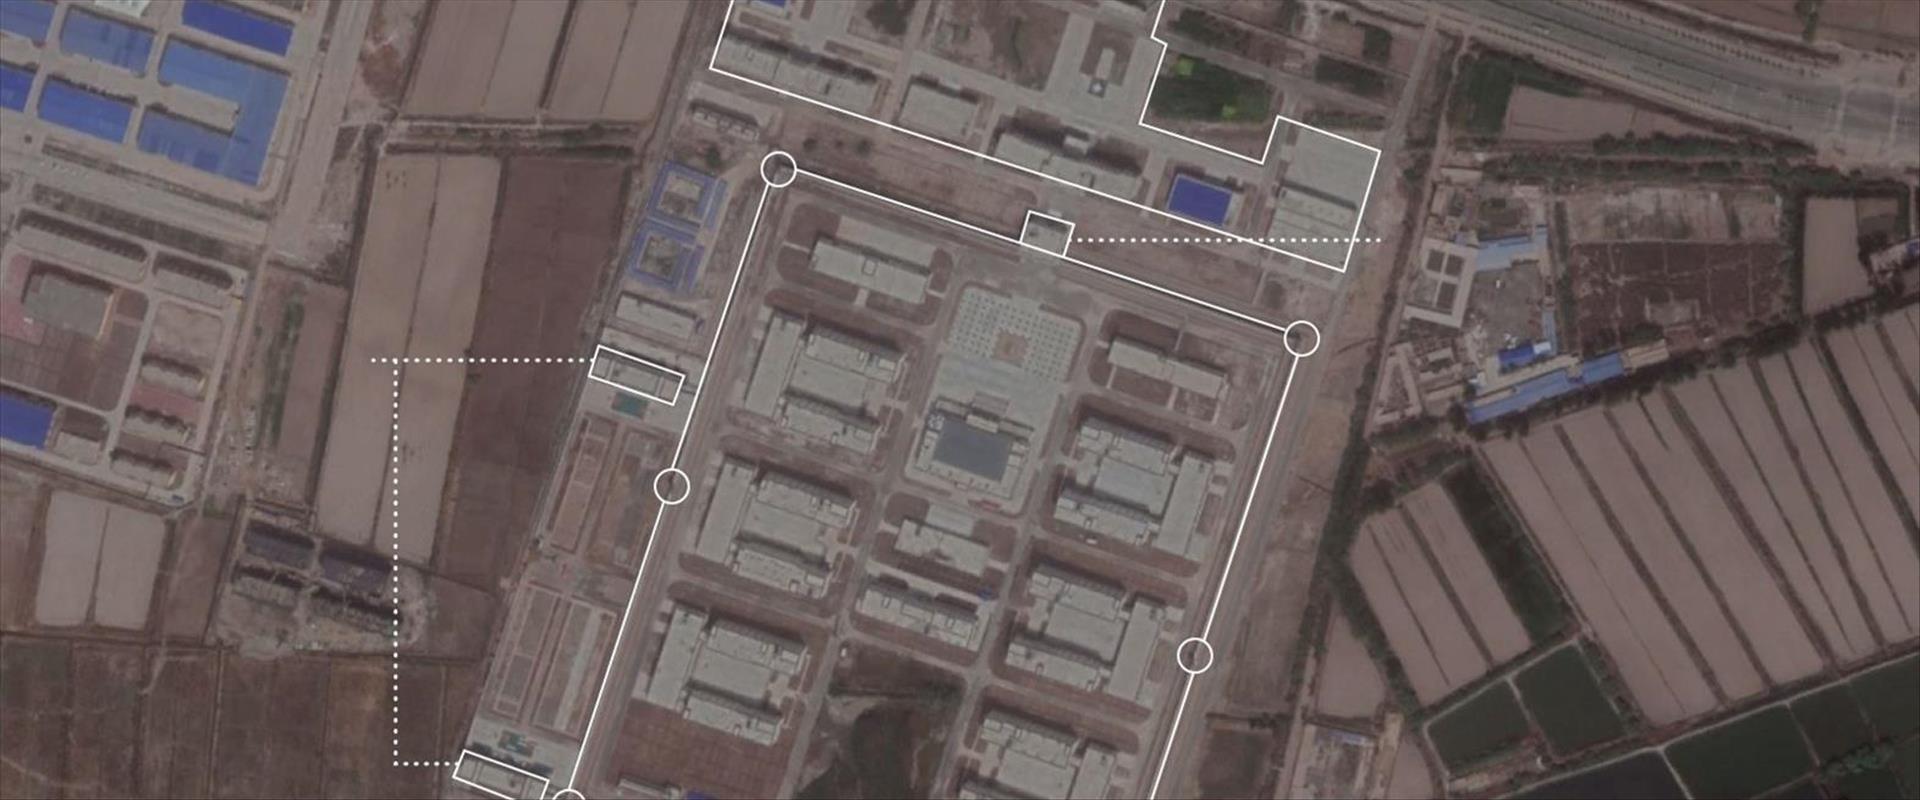 מחנה ריכוז במחוז שינג'יאנג, כפי שנחשף בתצלומי הלוו